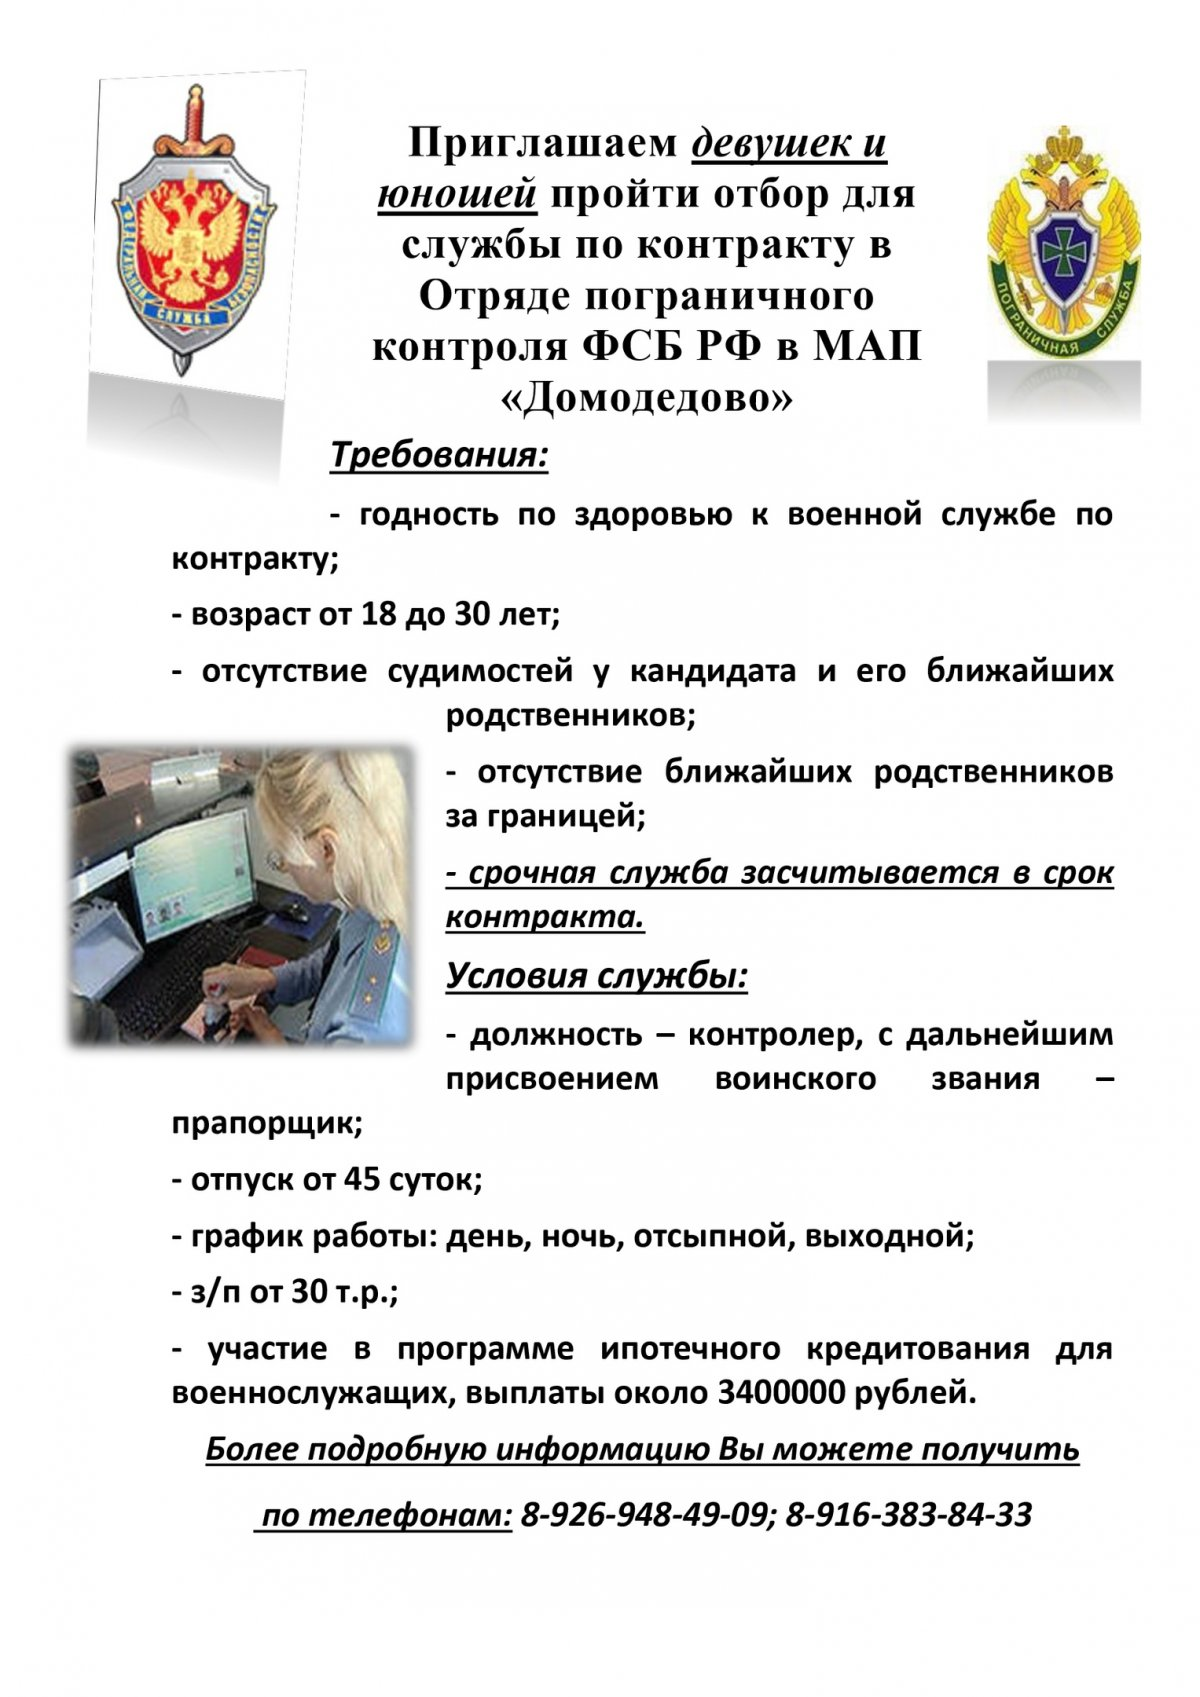 Отряд пограничного контроля ФСБ России в аэропорту Домодедово проводит отбор студентов на службу по контракту